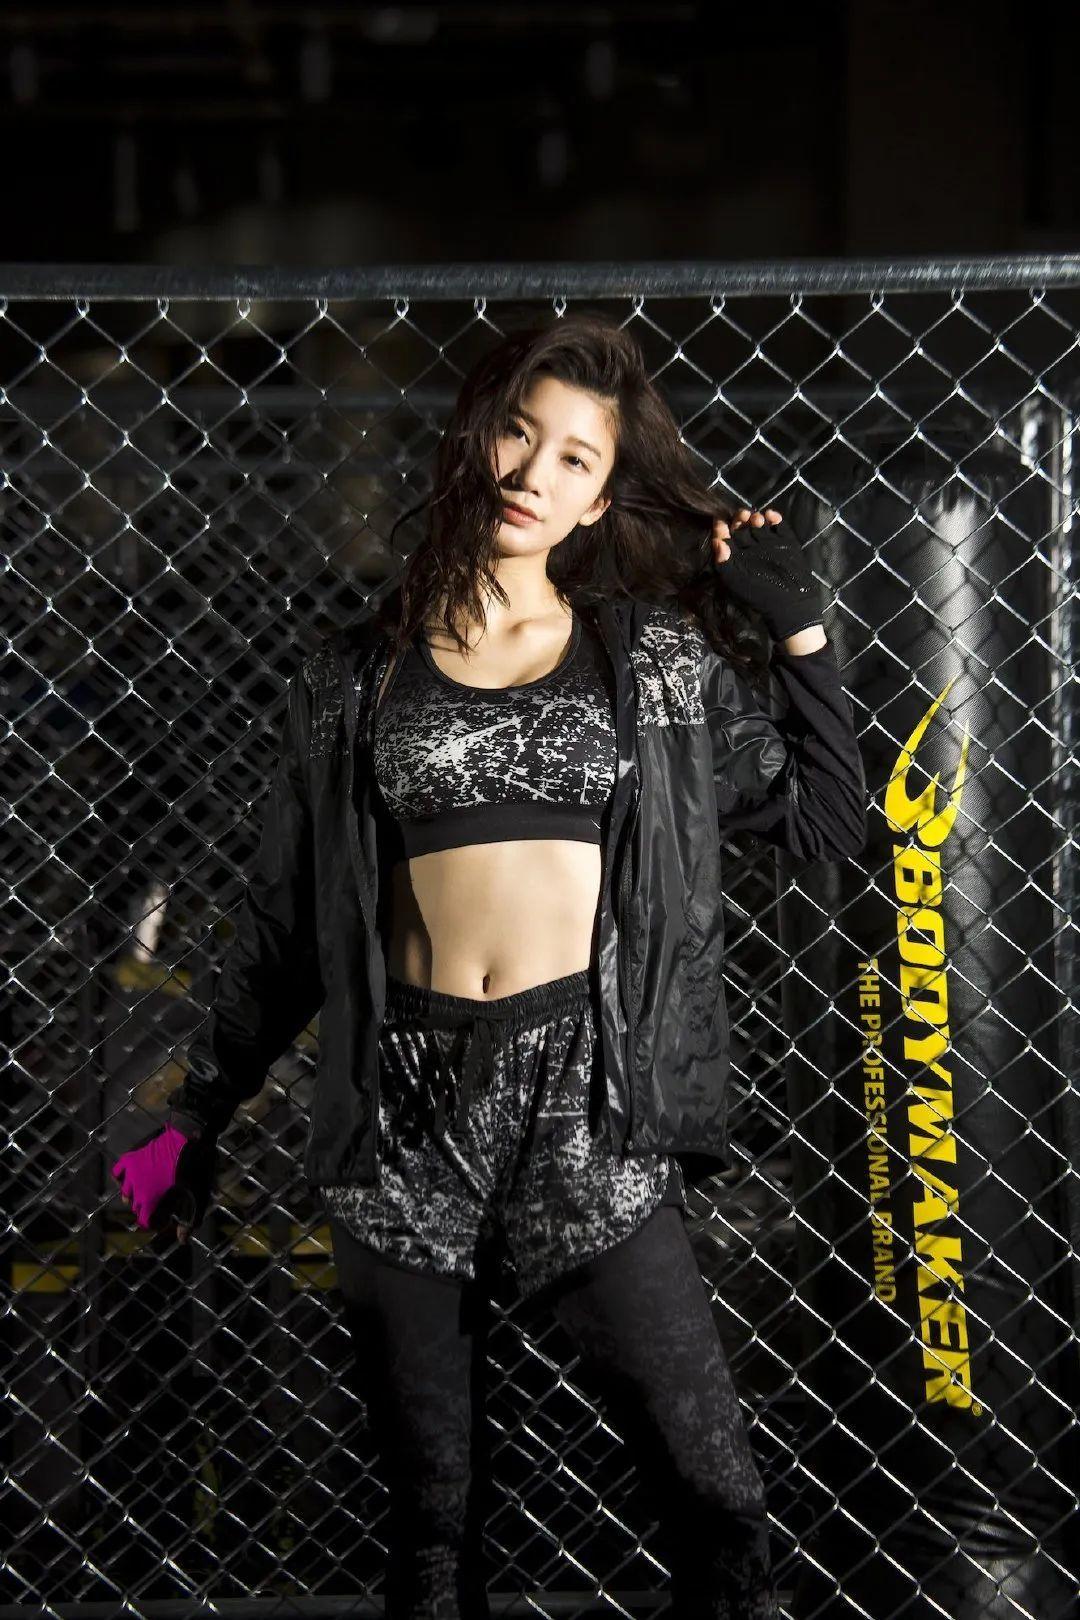 #小仓优香# BODYMAKER 2020年 杂志写真_图片 No.9